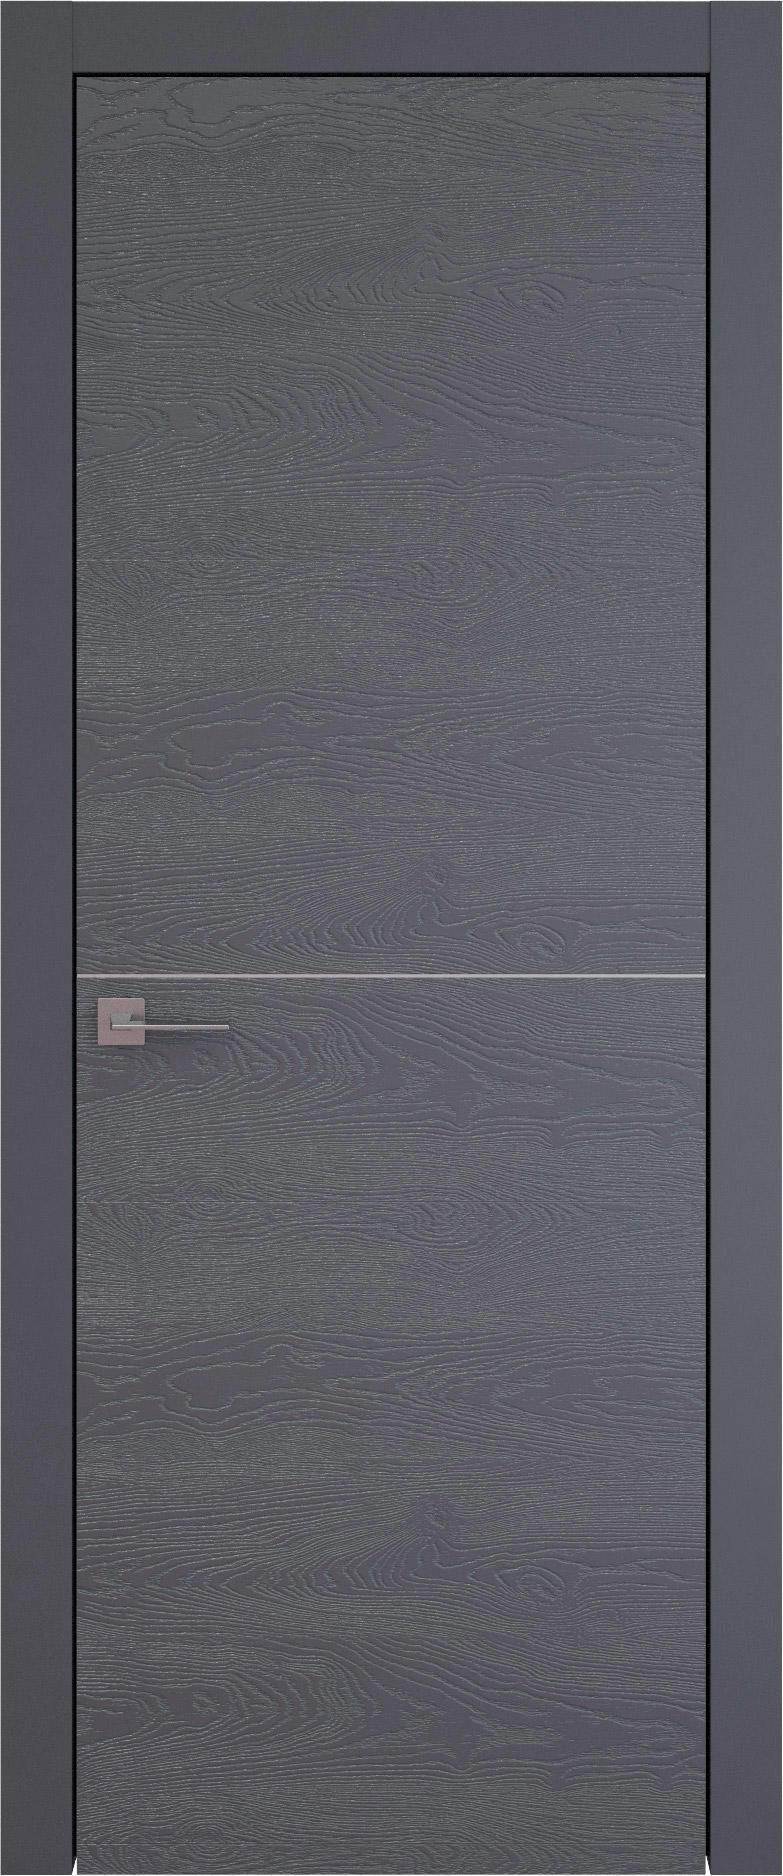 Tivoli Б-2 цвет - Графитово-серая эмаль по шпону (RAL 7024) Без стекла (ДГ)